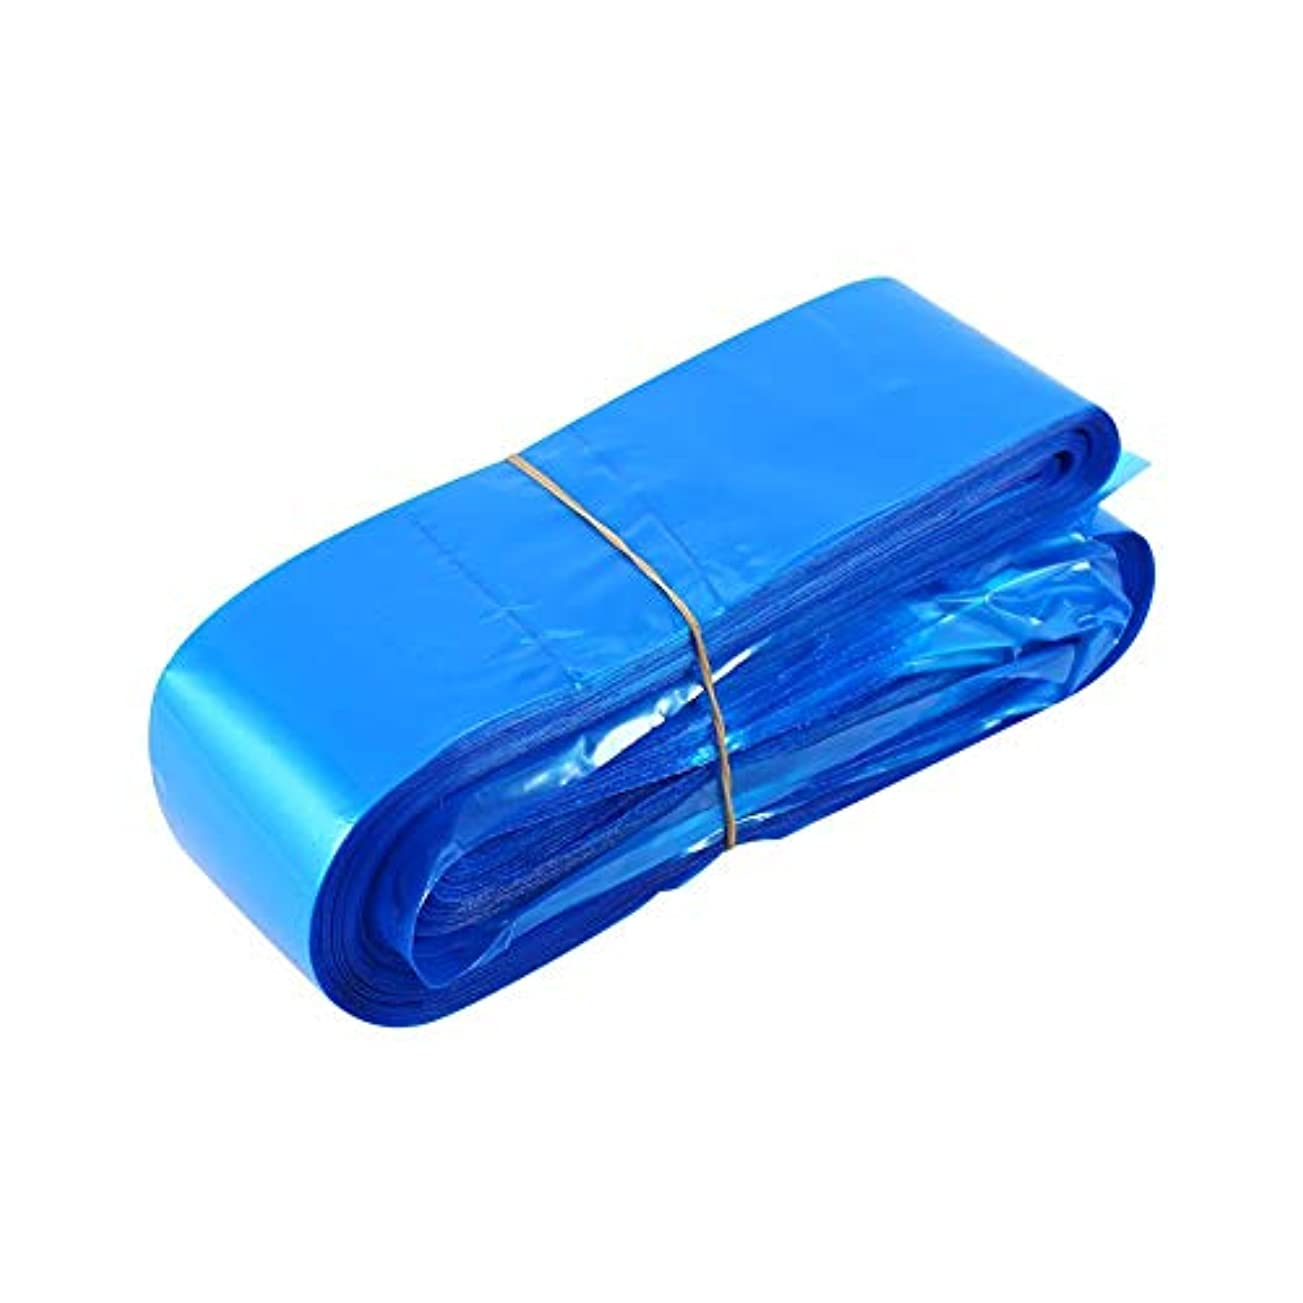 計画比類なきぺディカブTOPINCN 125pcs 入れ墨用 使い捨てカバー タトゥーマシンのクリップコード スリーブ使い捨てカバー